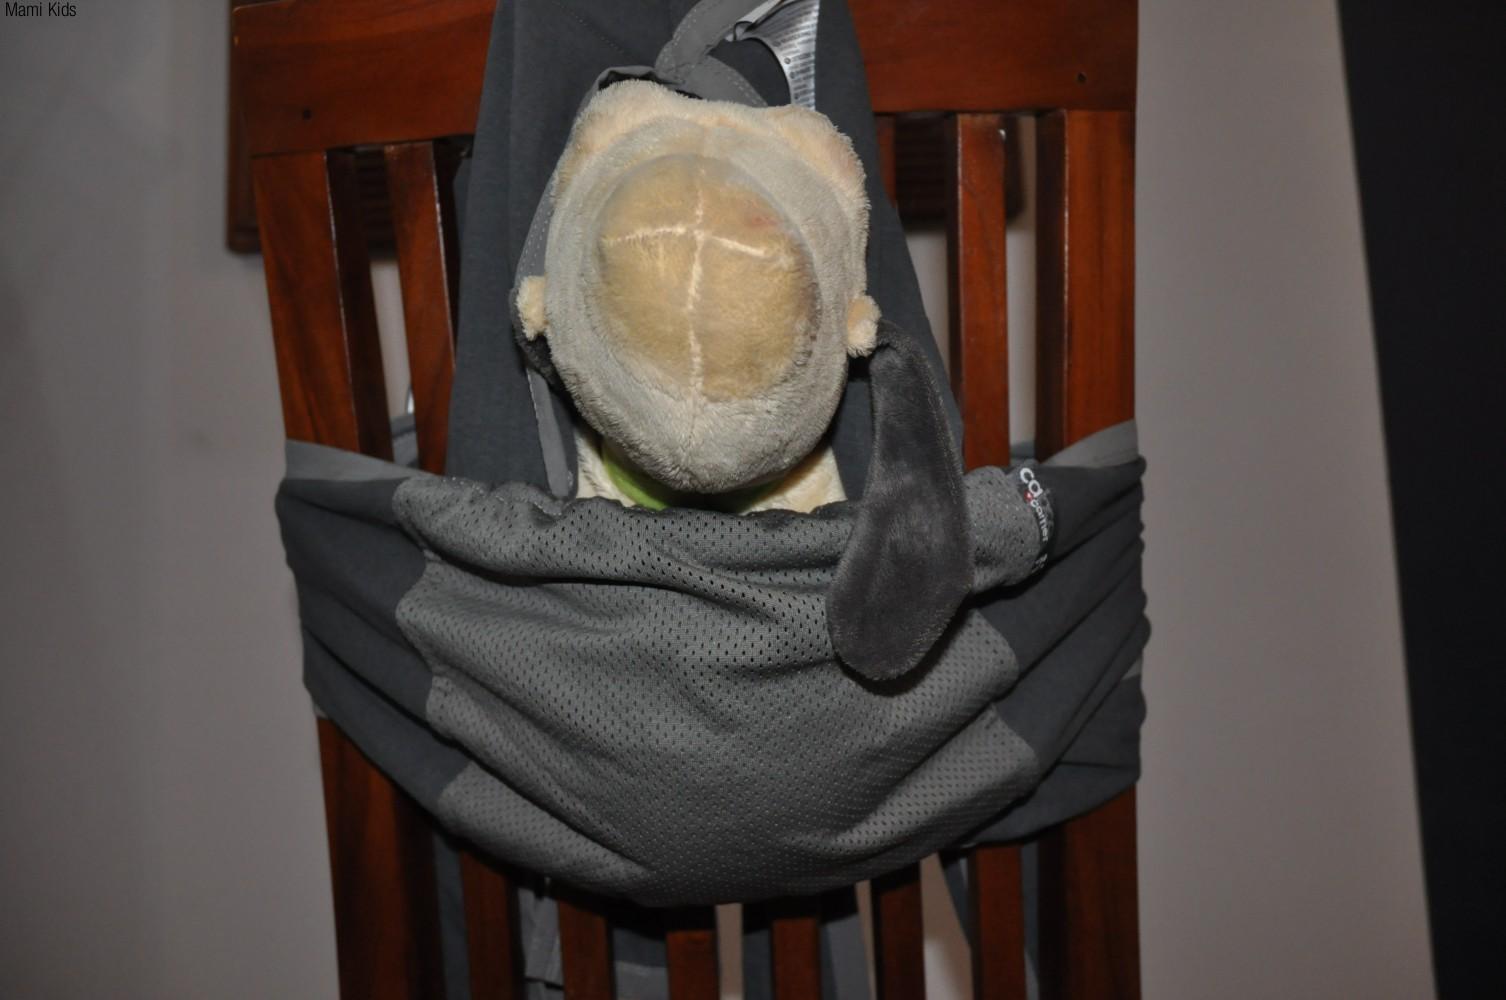 nosidełko, chusta. caboo, carrier, dla dziecka, dla mamy, do noszenia, nosidło, nosidełko, szare, nowe, materiałdziecko, podróż, kółkowa, wygodna2